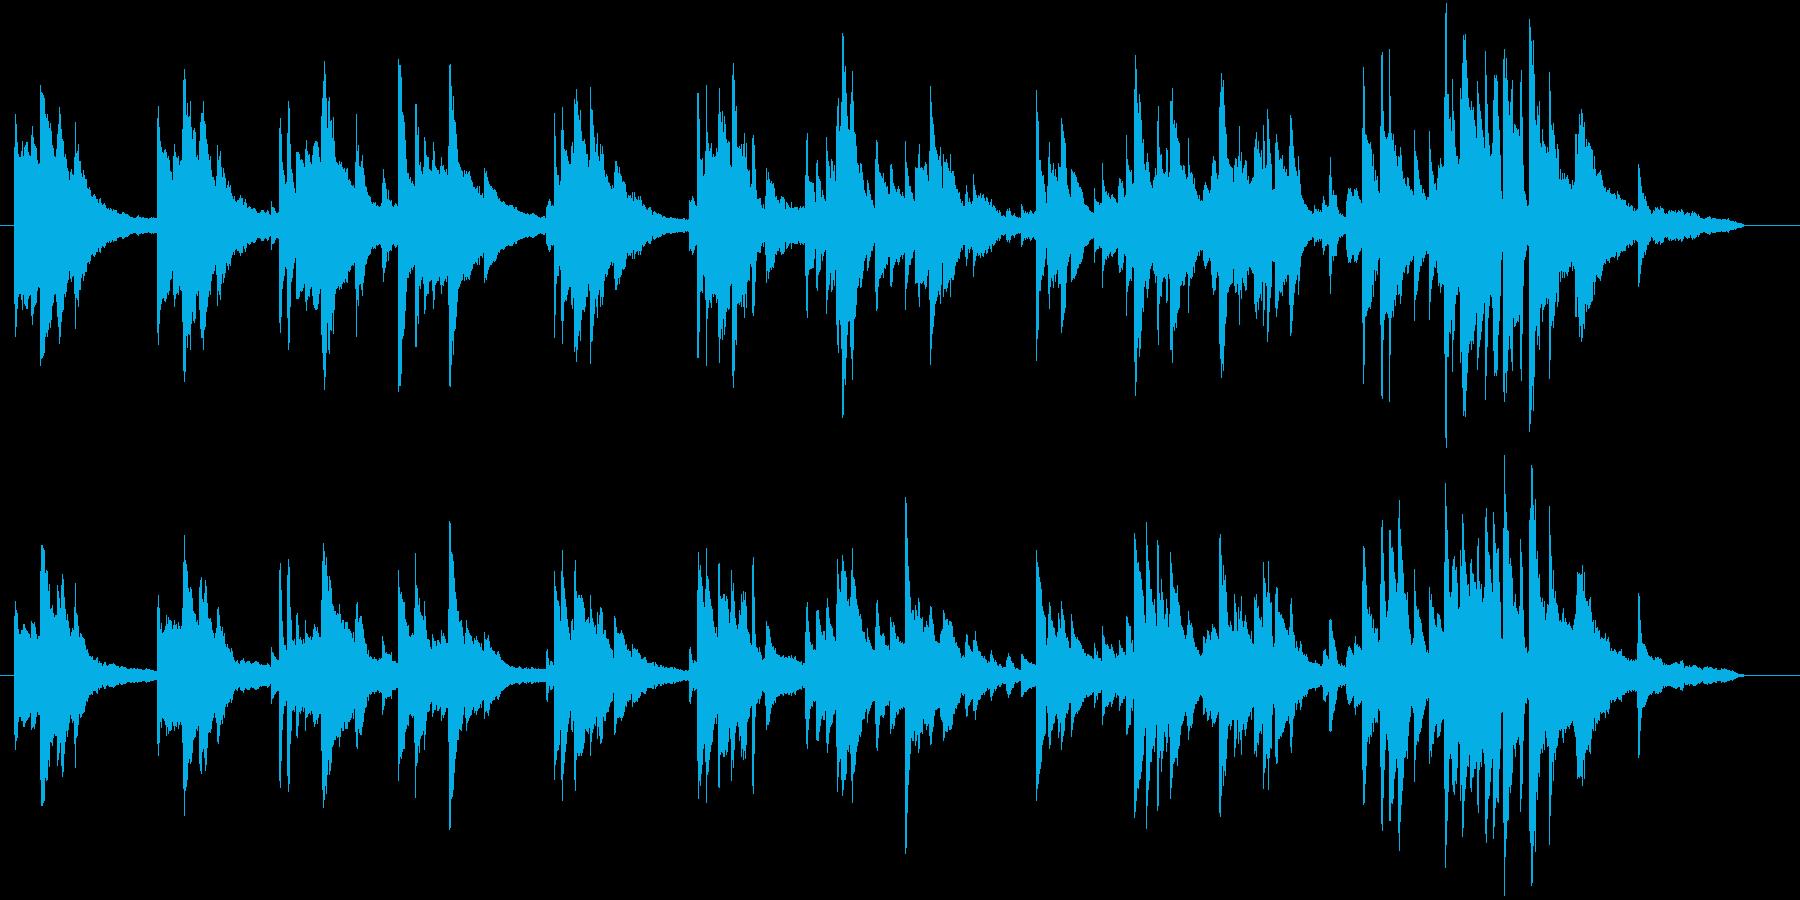 生ピアノ録音-青空のように澄んだメロディの再生済みの波形